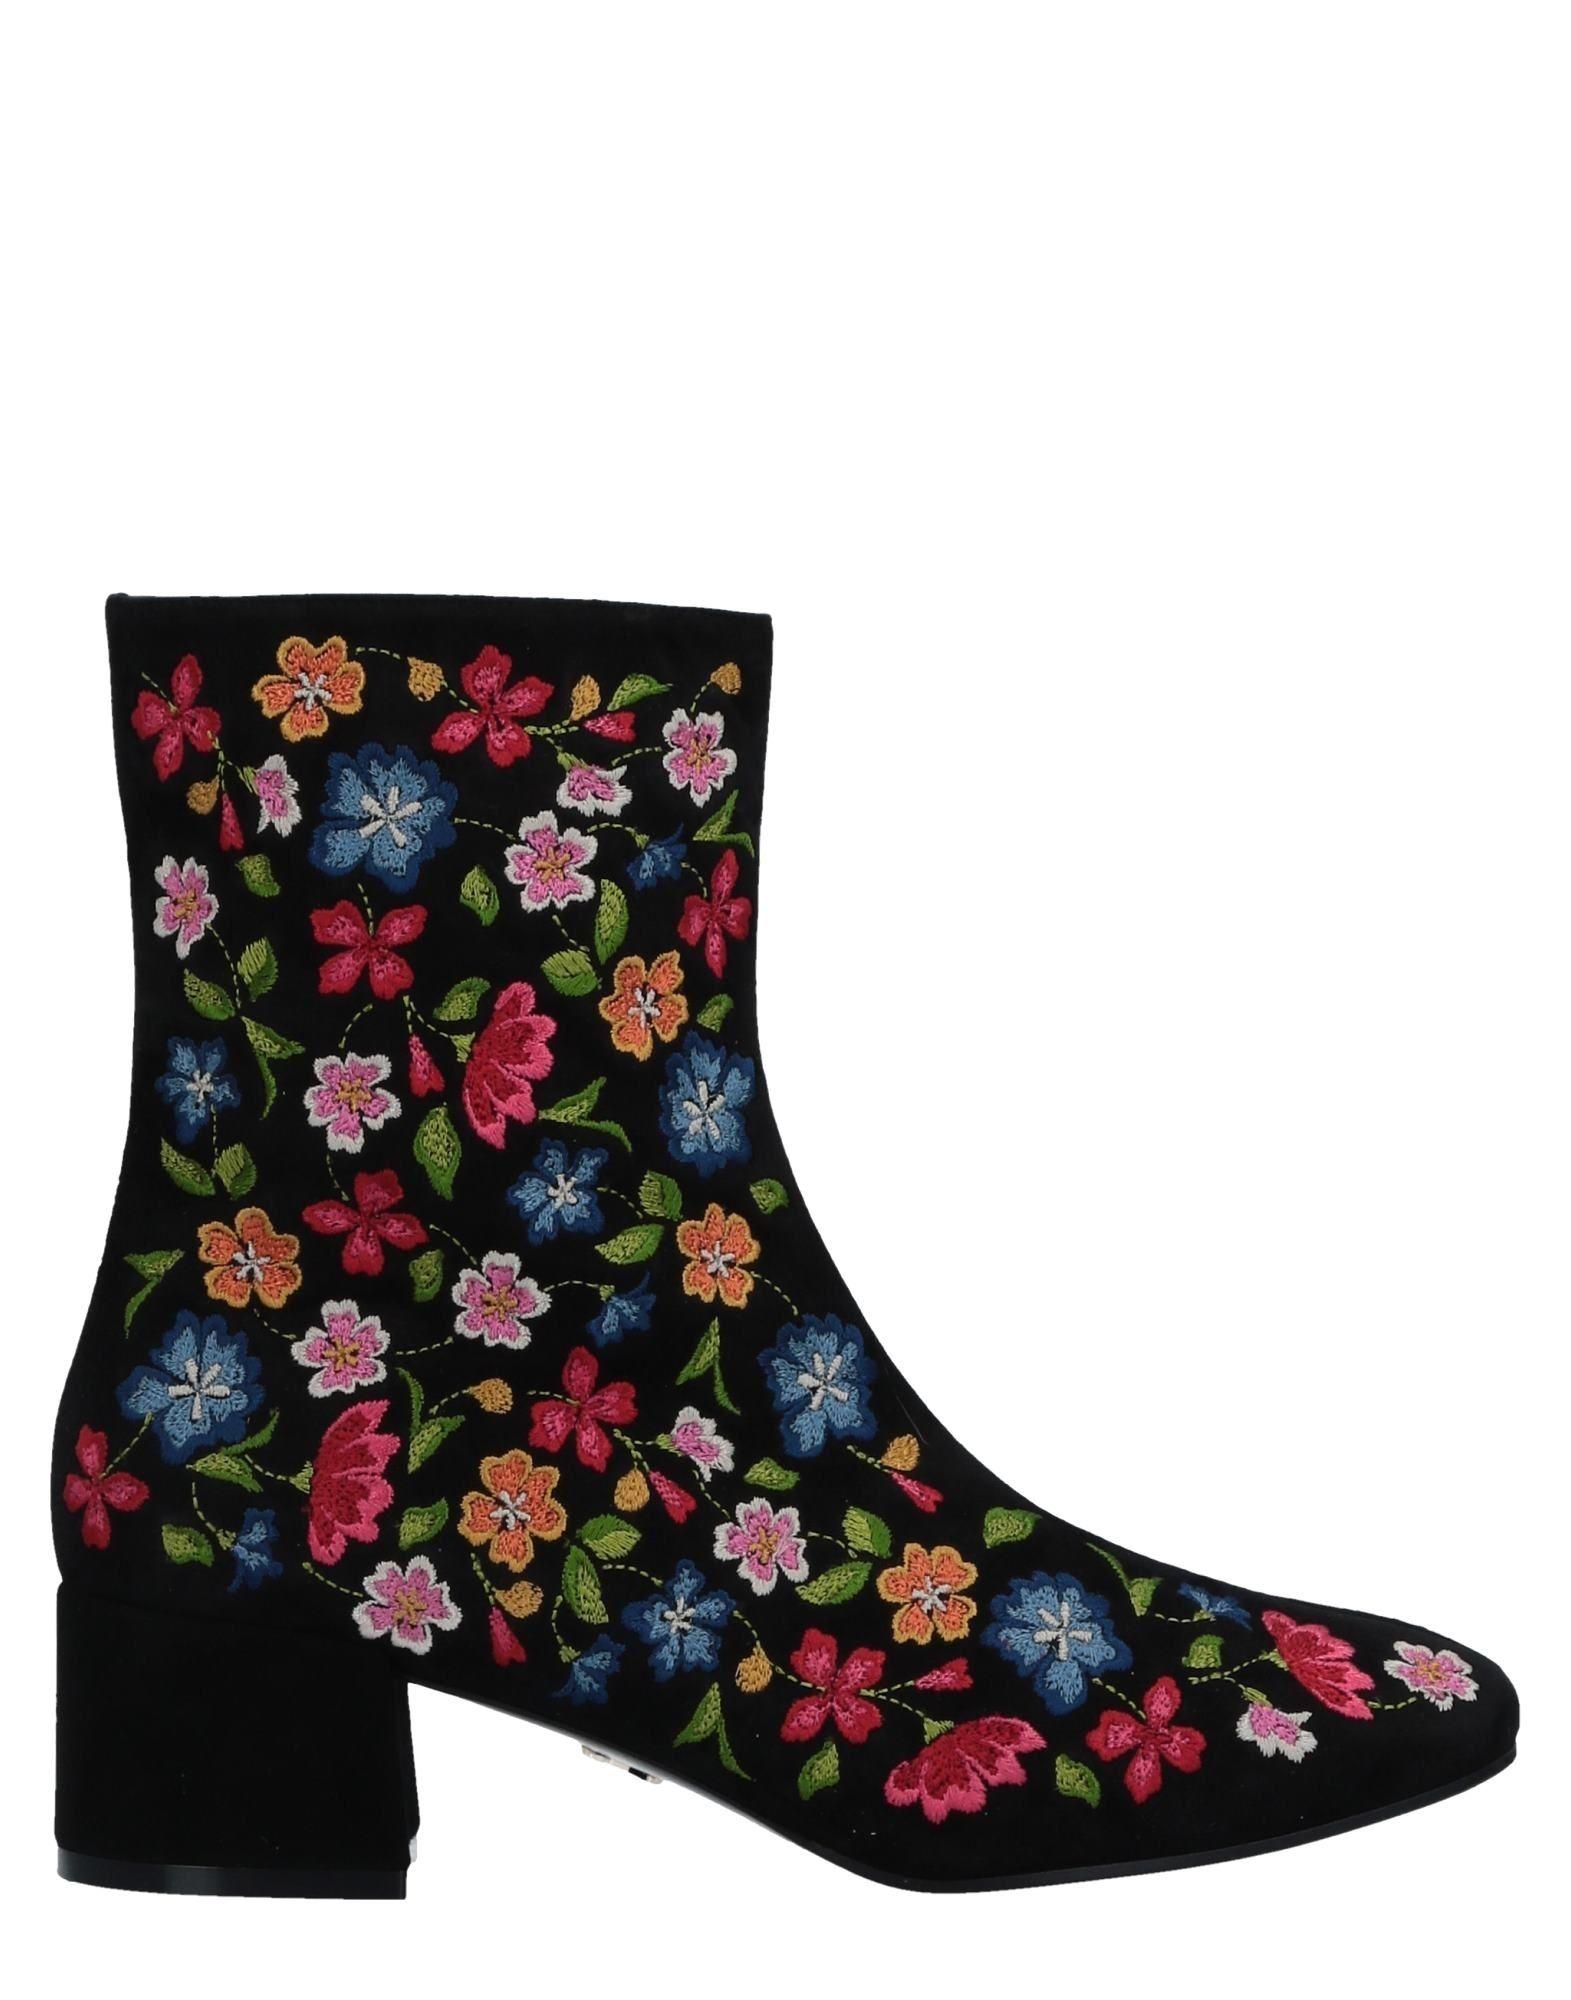 Fragiacomo Stiefelette Damen  11519293KSGünstige gut aussehende Schuhe